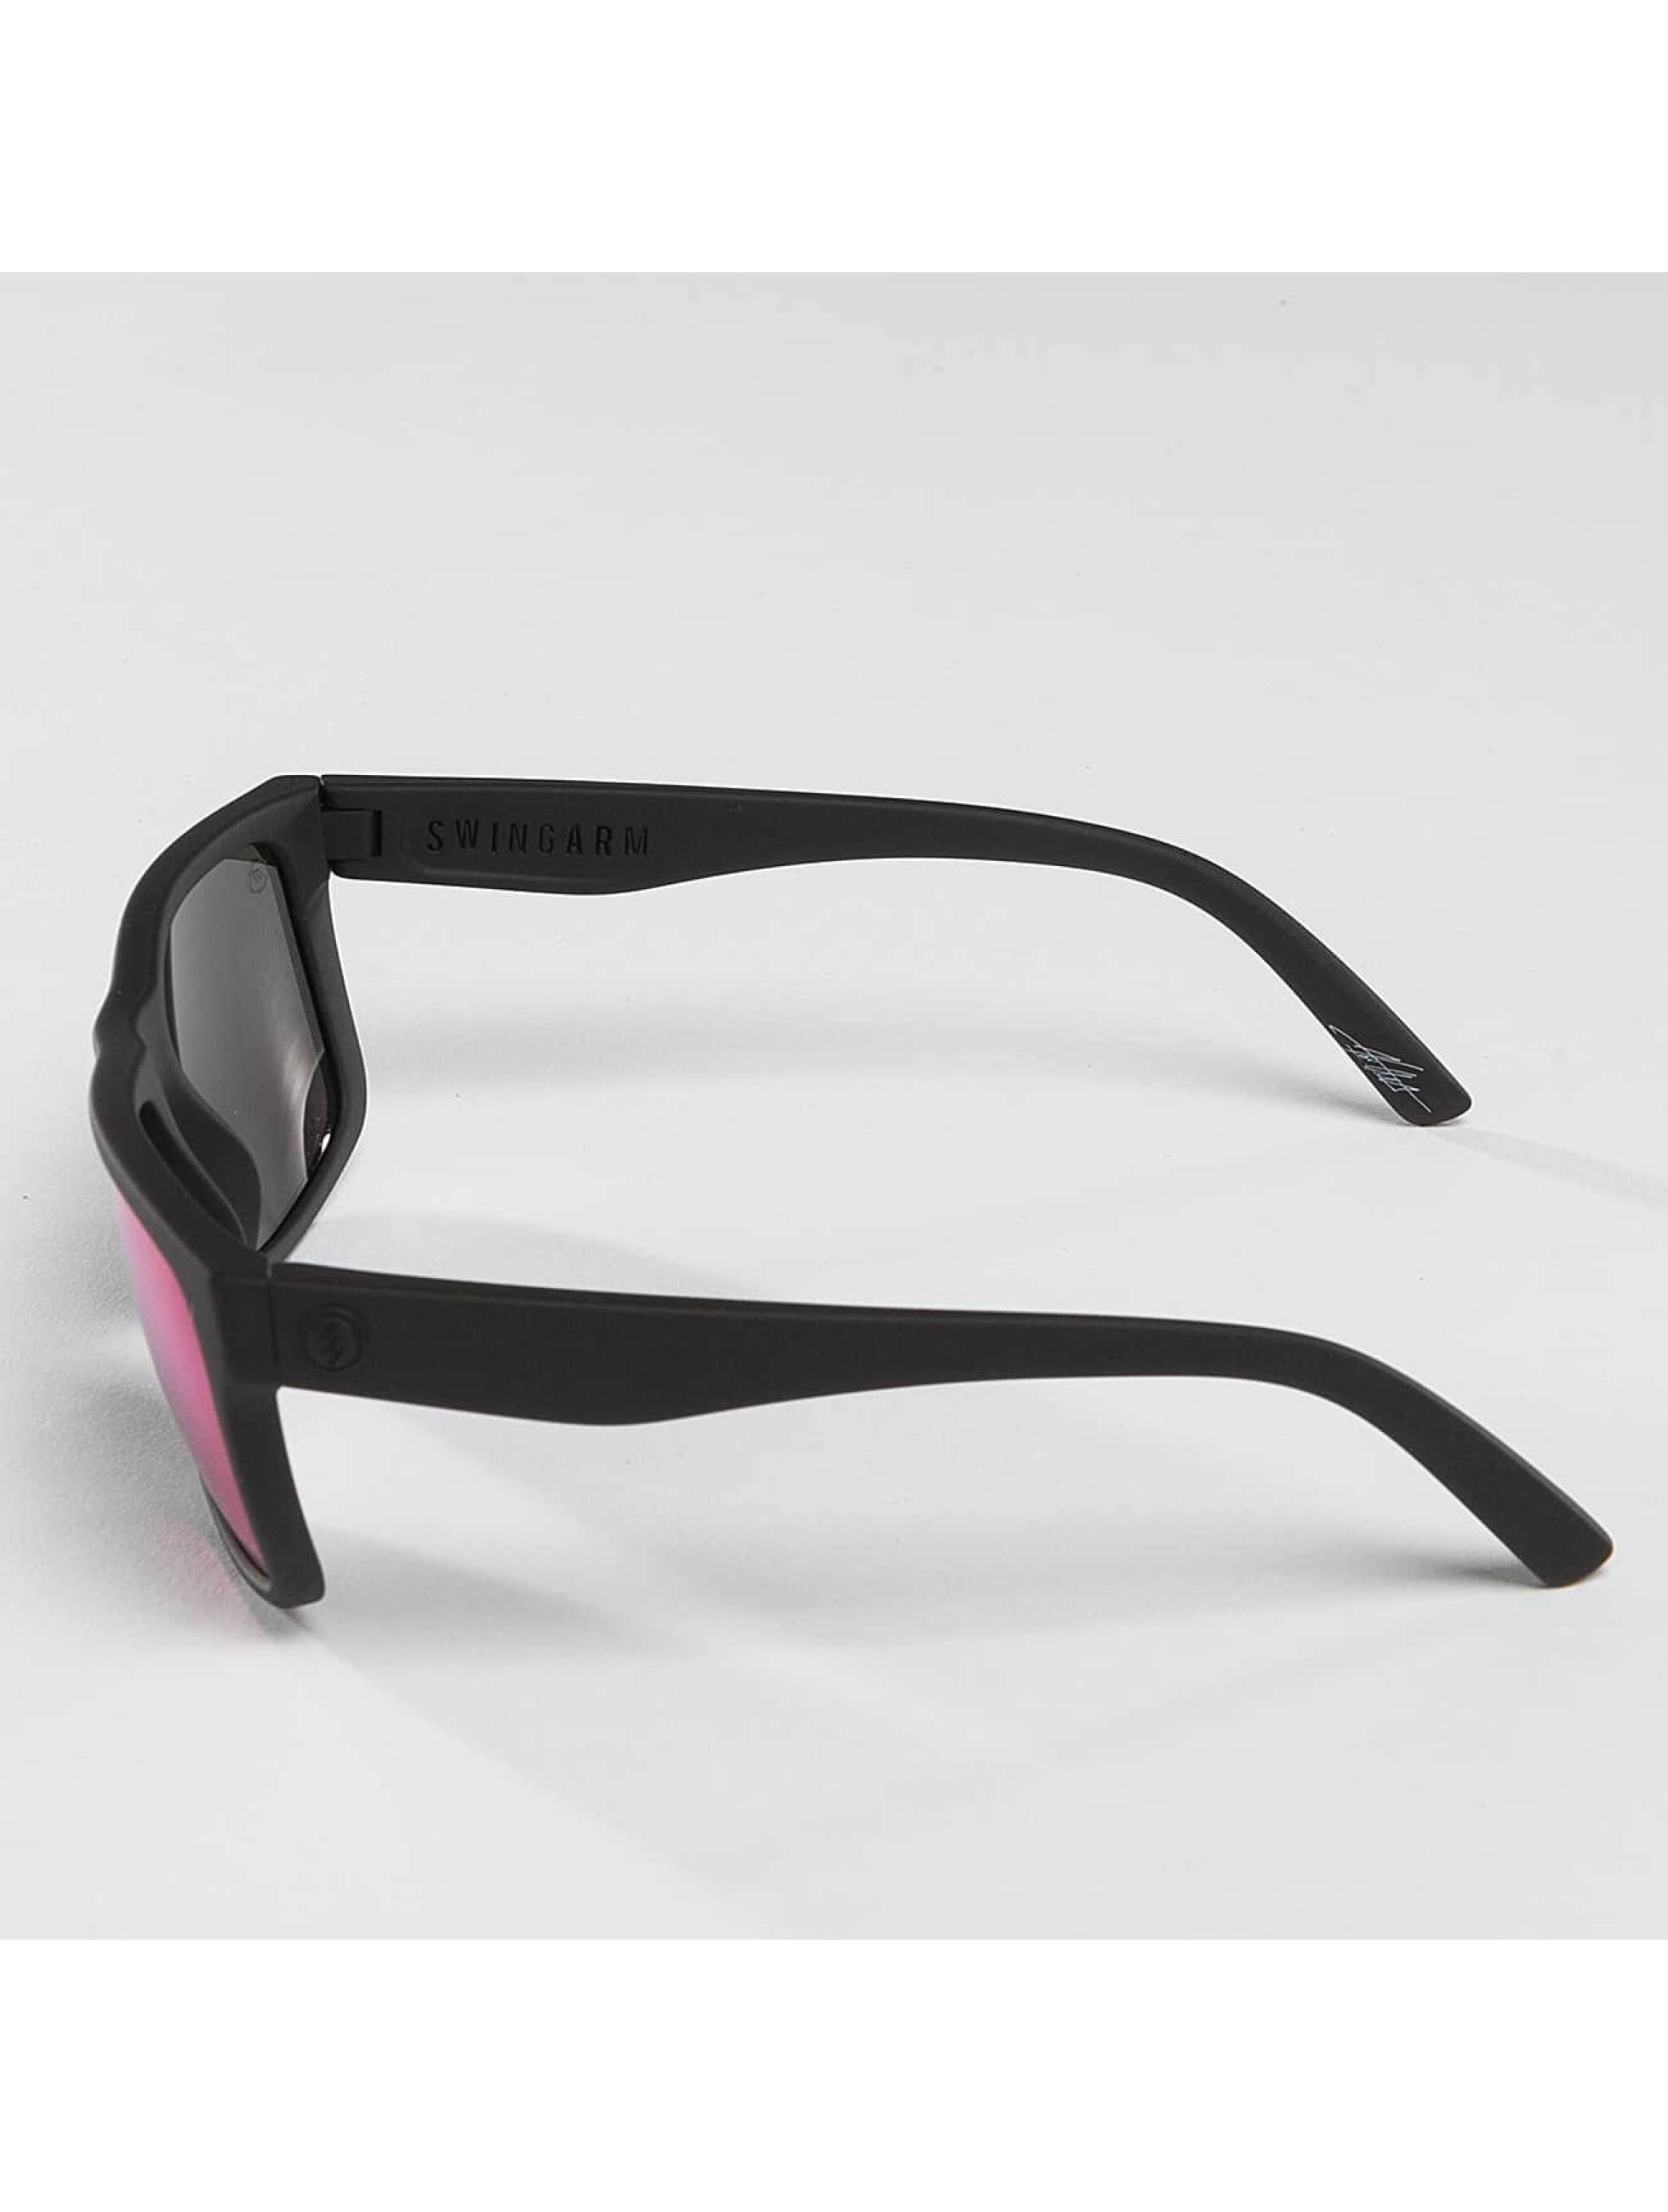 Electric Okulary Swingarm czarny